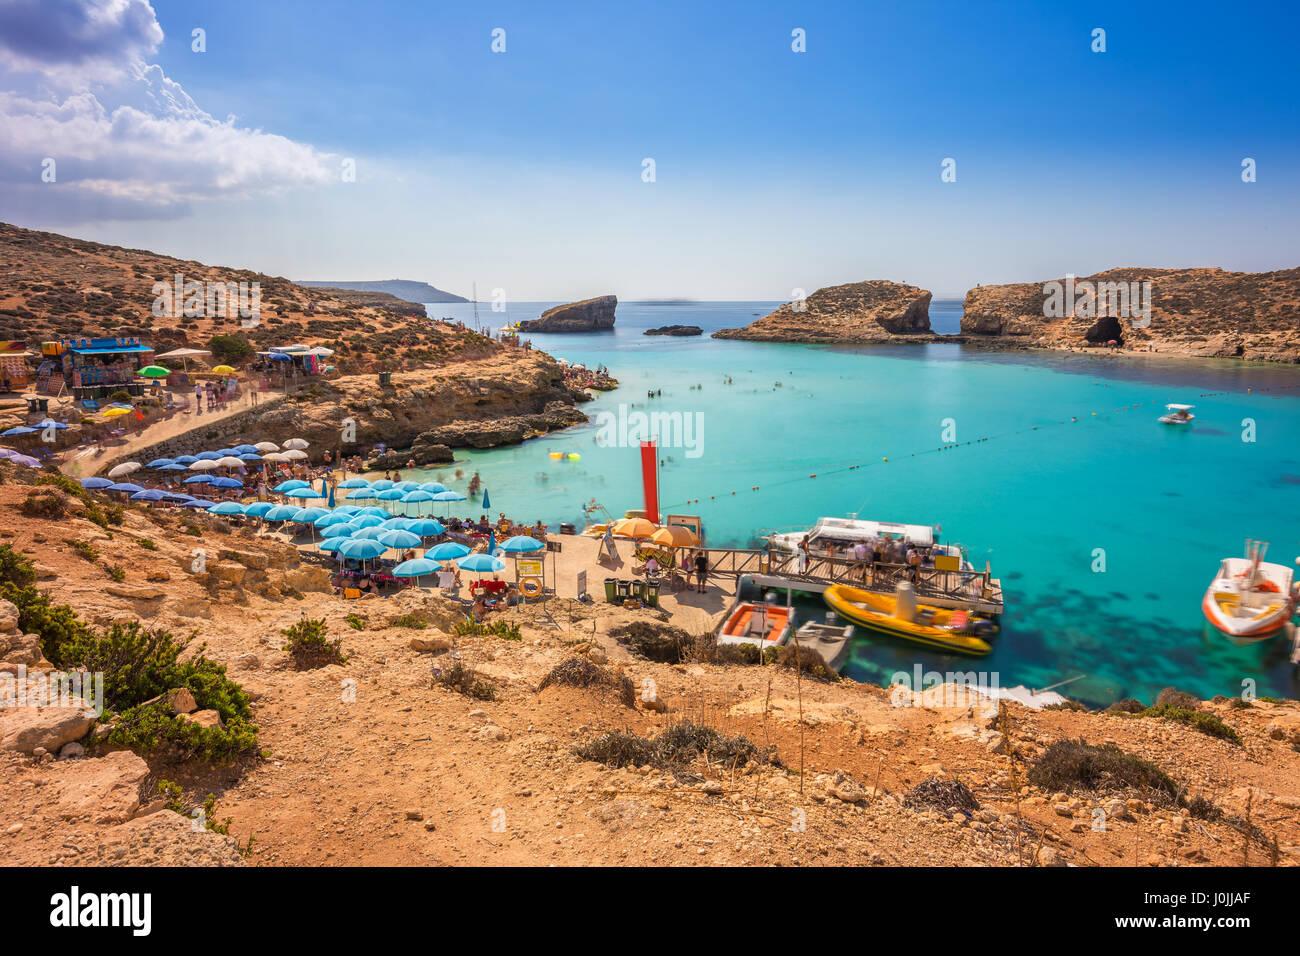 Comino, Malta - turistas multitud en Blue Lagoon para disfrutar de las aguas cristalinas de color turquesa en un Imagen De Stock